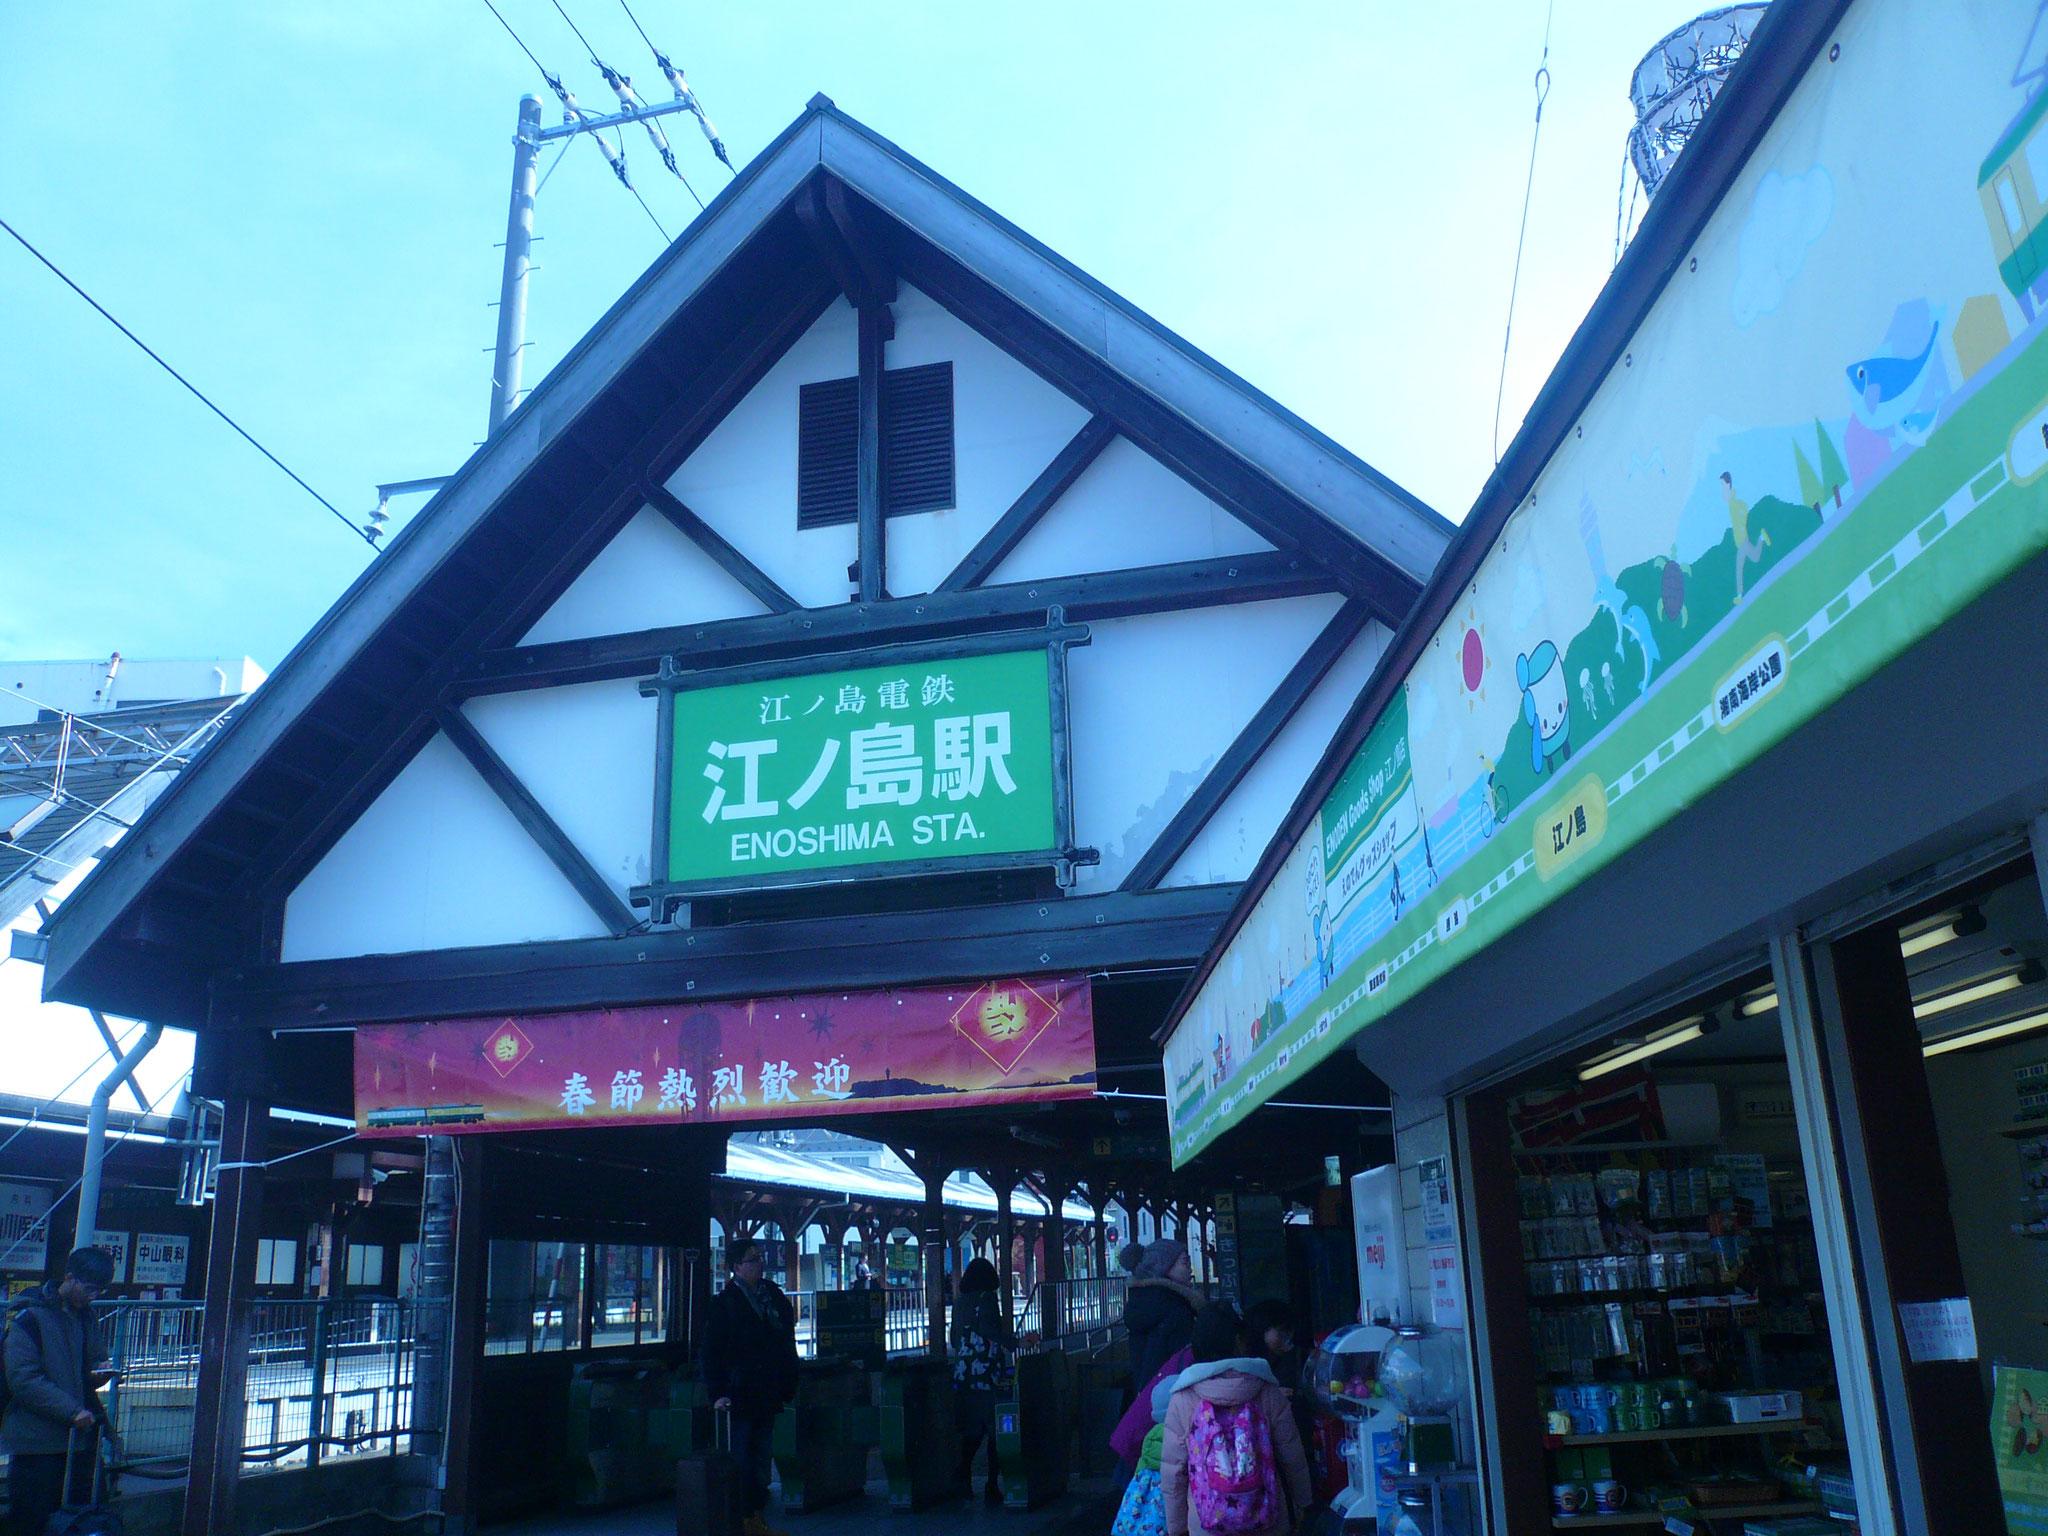 江ノ電江ノ島駅。なかなかクラシックな駅舎